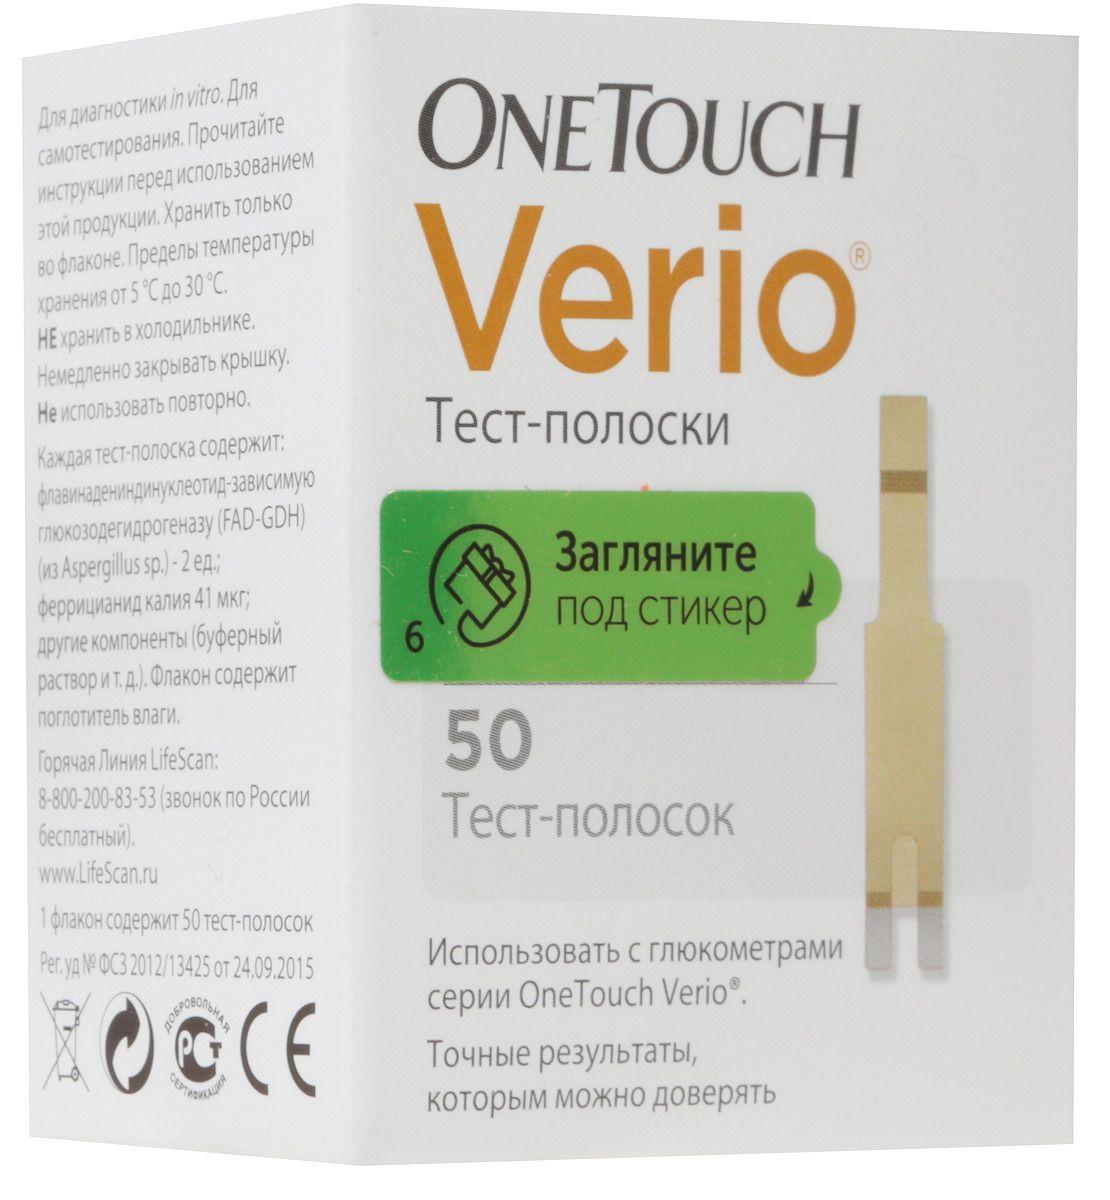 Купить Тест-полоски для глюкометра OneTouch Verio, для измерения уровня глюкозы, 50 шт.